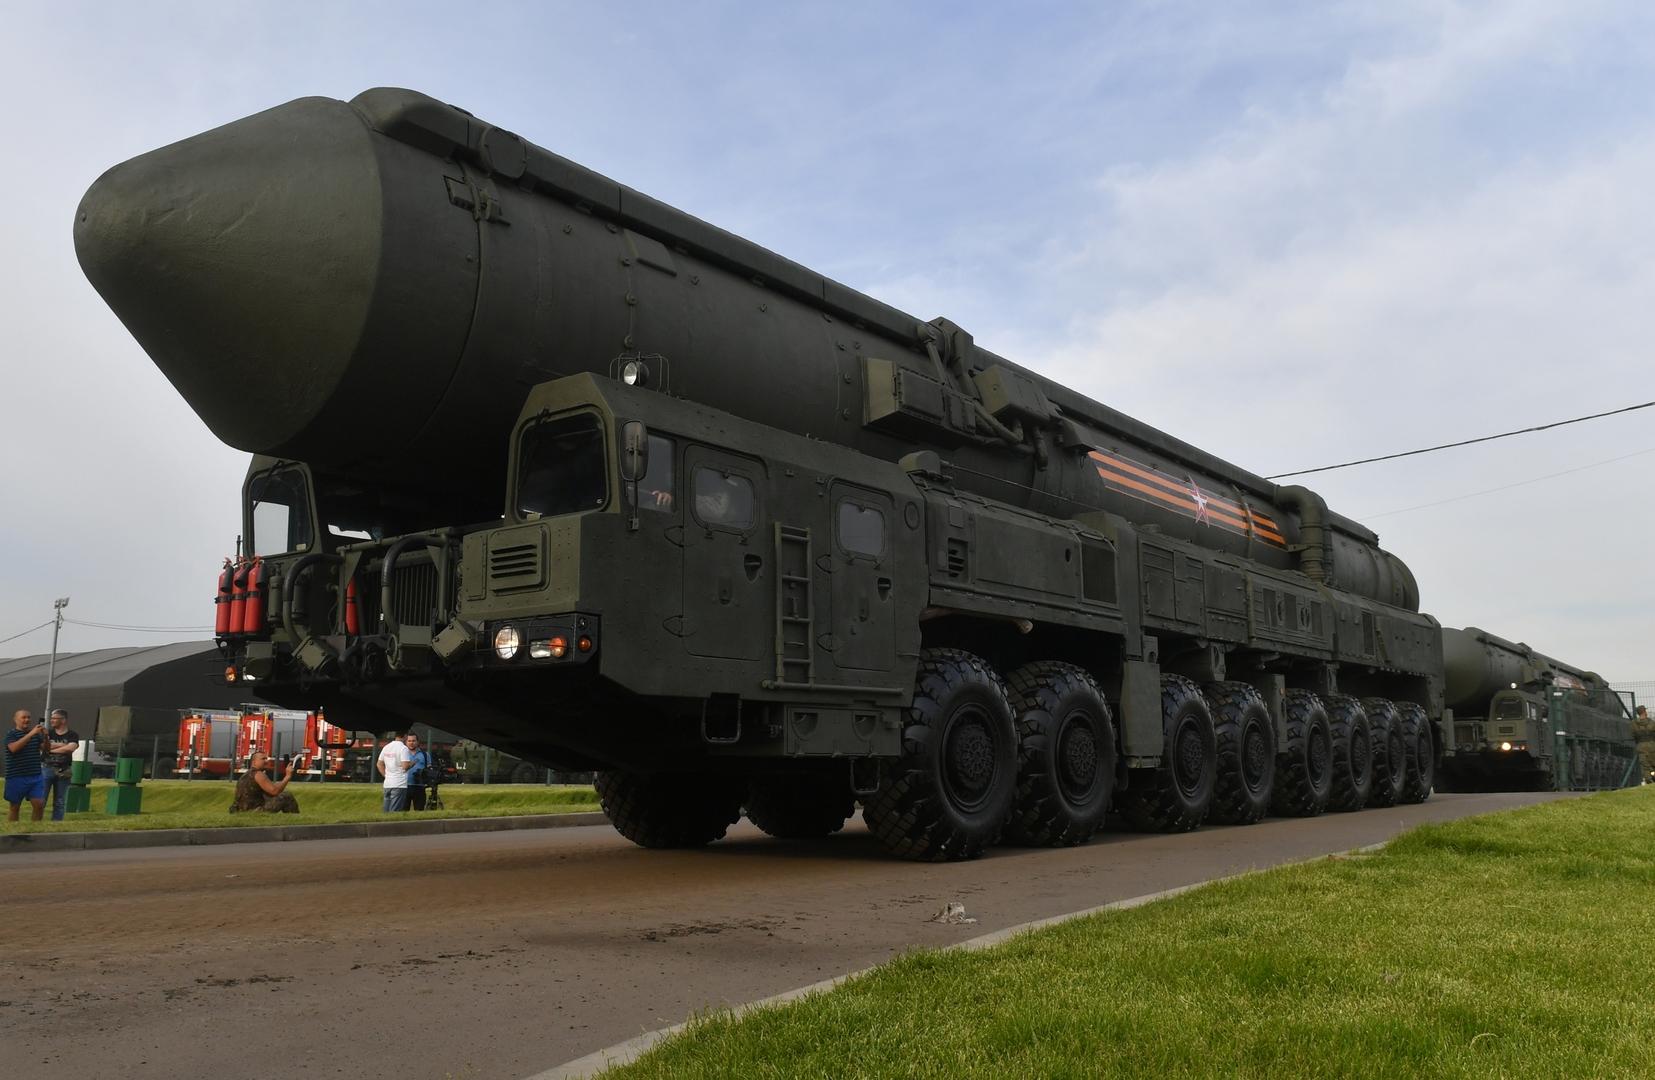 قوات الصواريخ الاستراتيجية الروسية: نحصل على 20 صاروخا جديدا في السنة